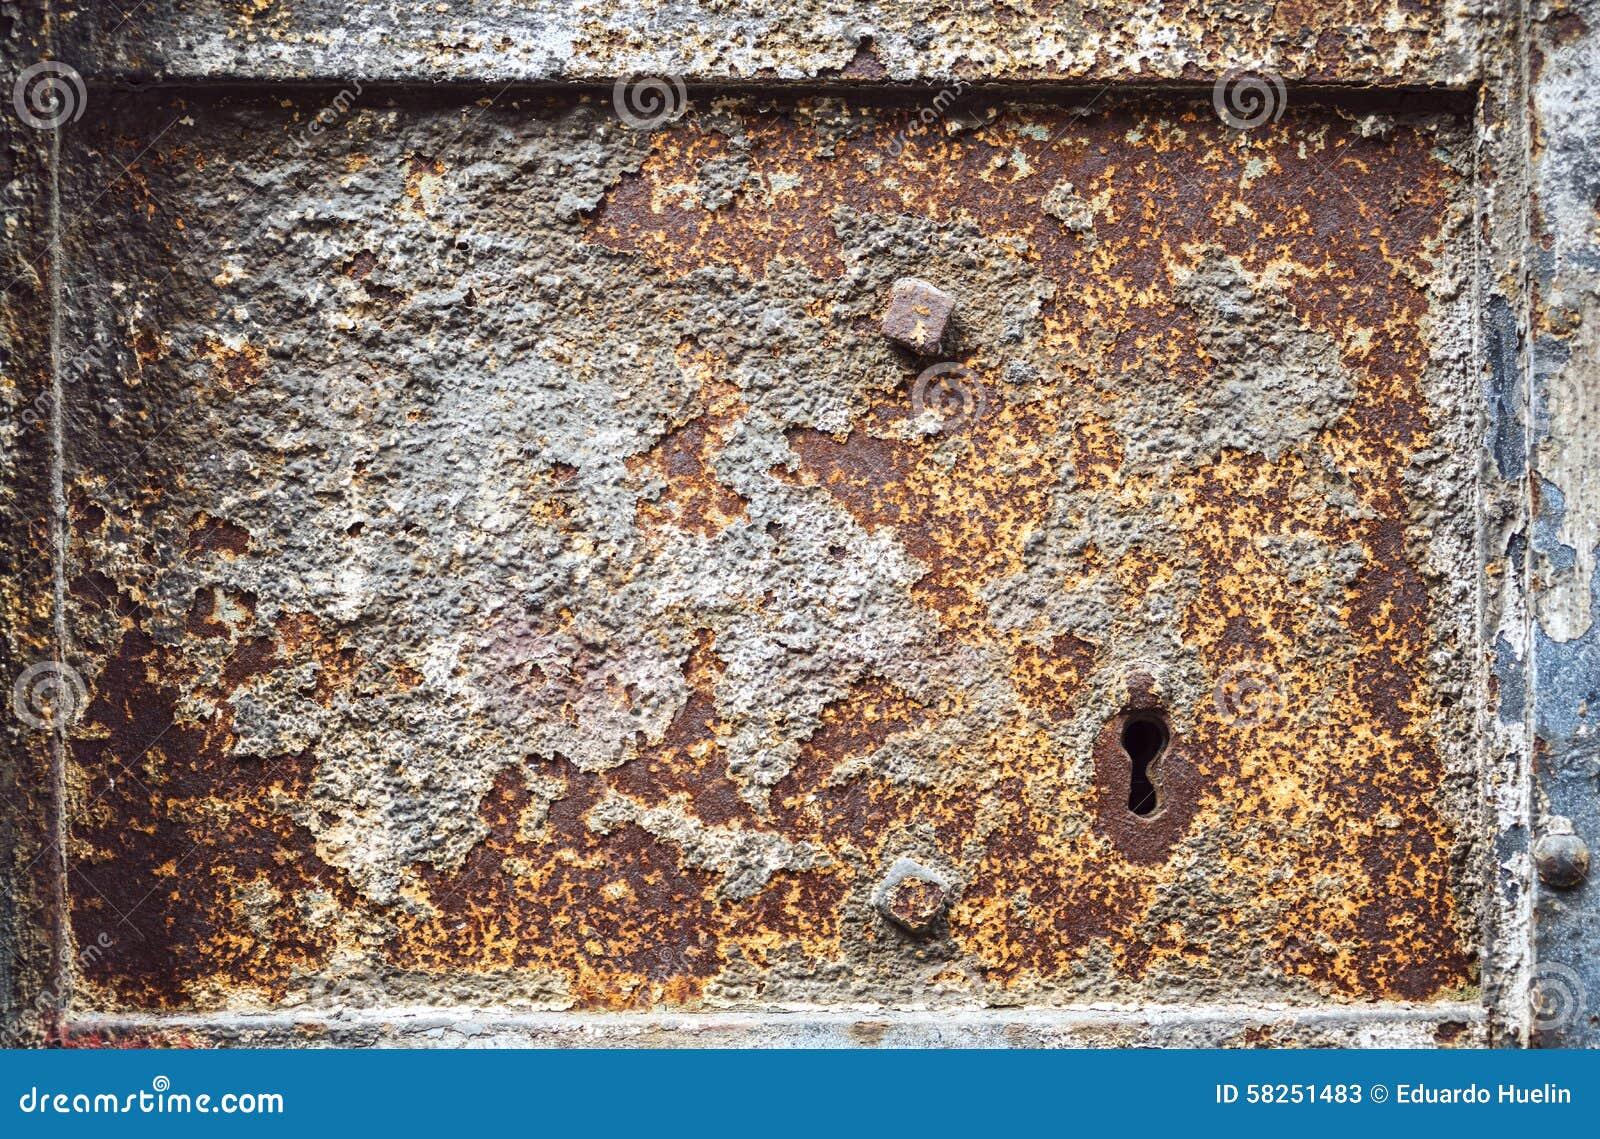 Old metal door texture with rust